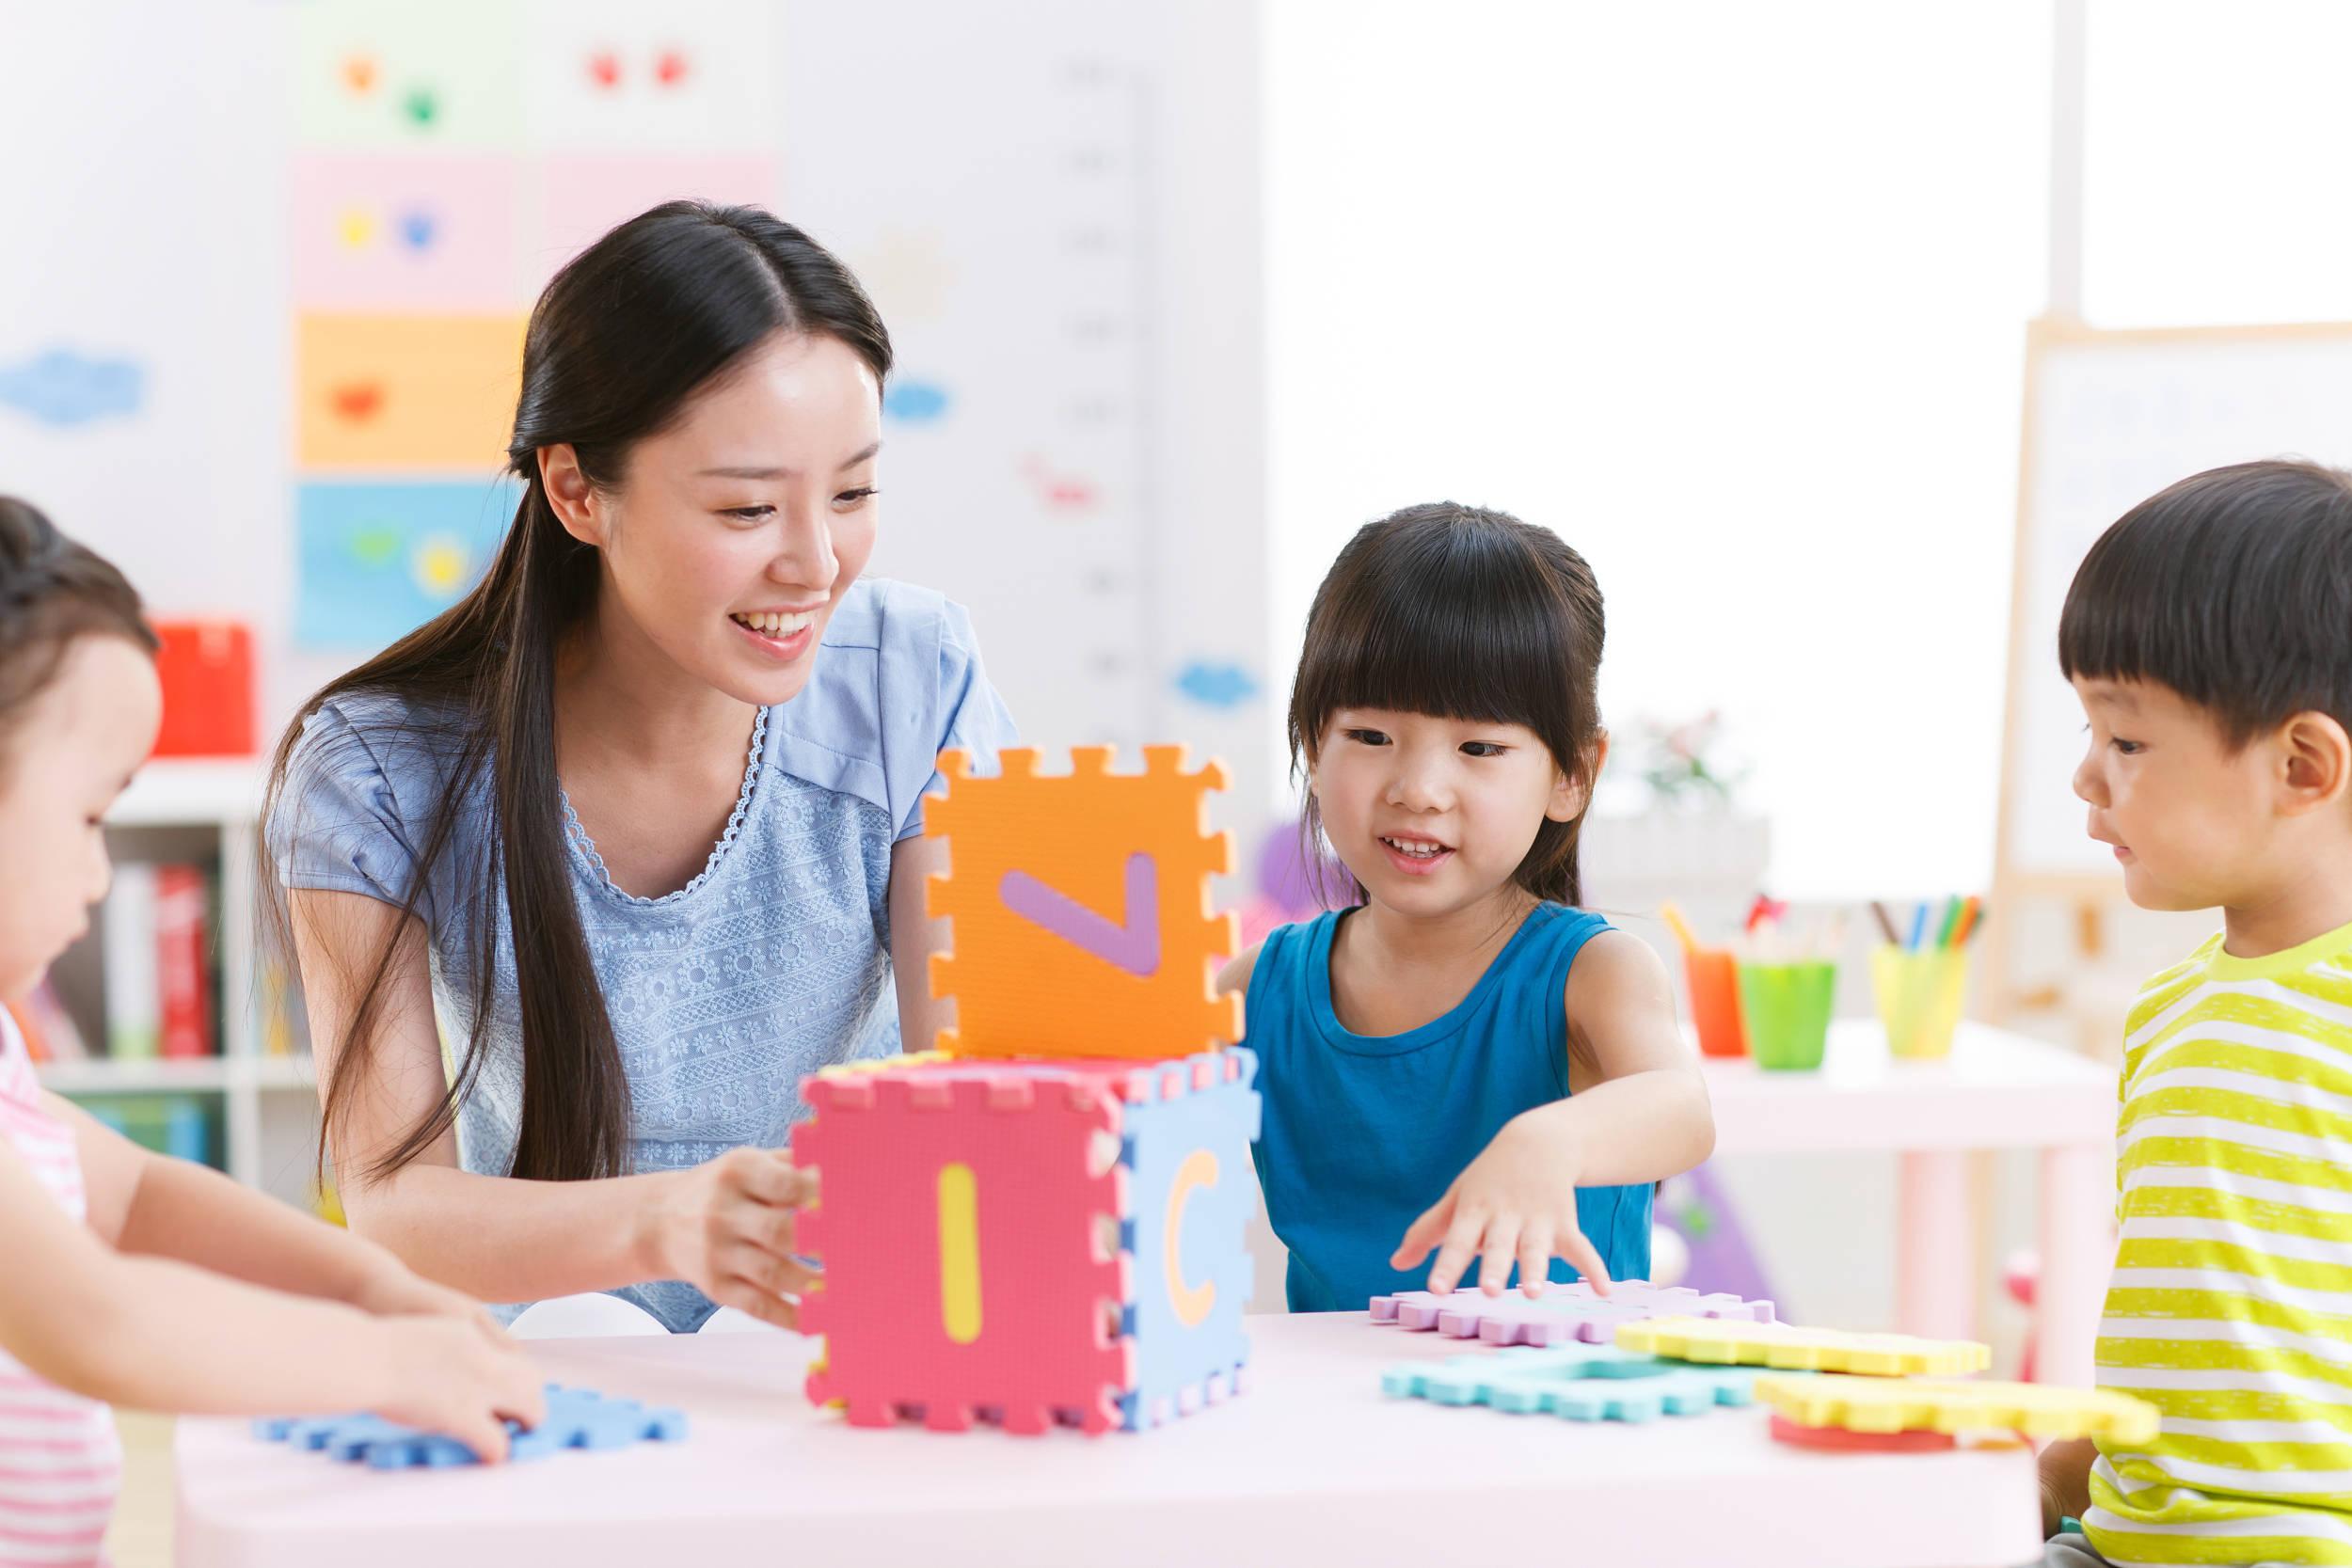 孩子把我拉黑了 我做错了吗?青春期 父母该如何和孩子沟通?